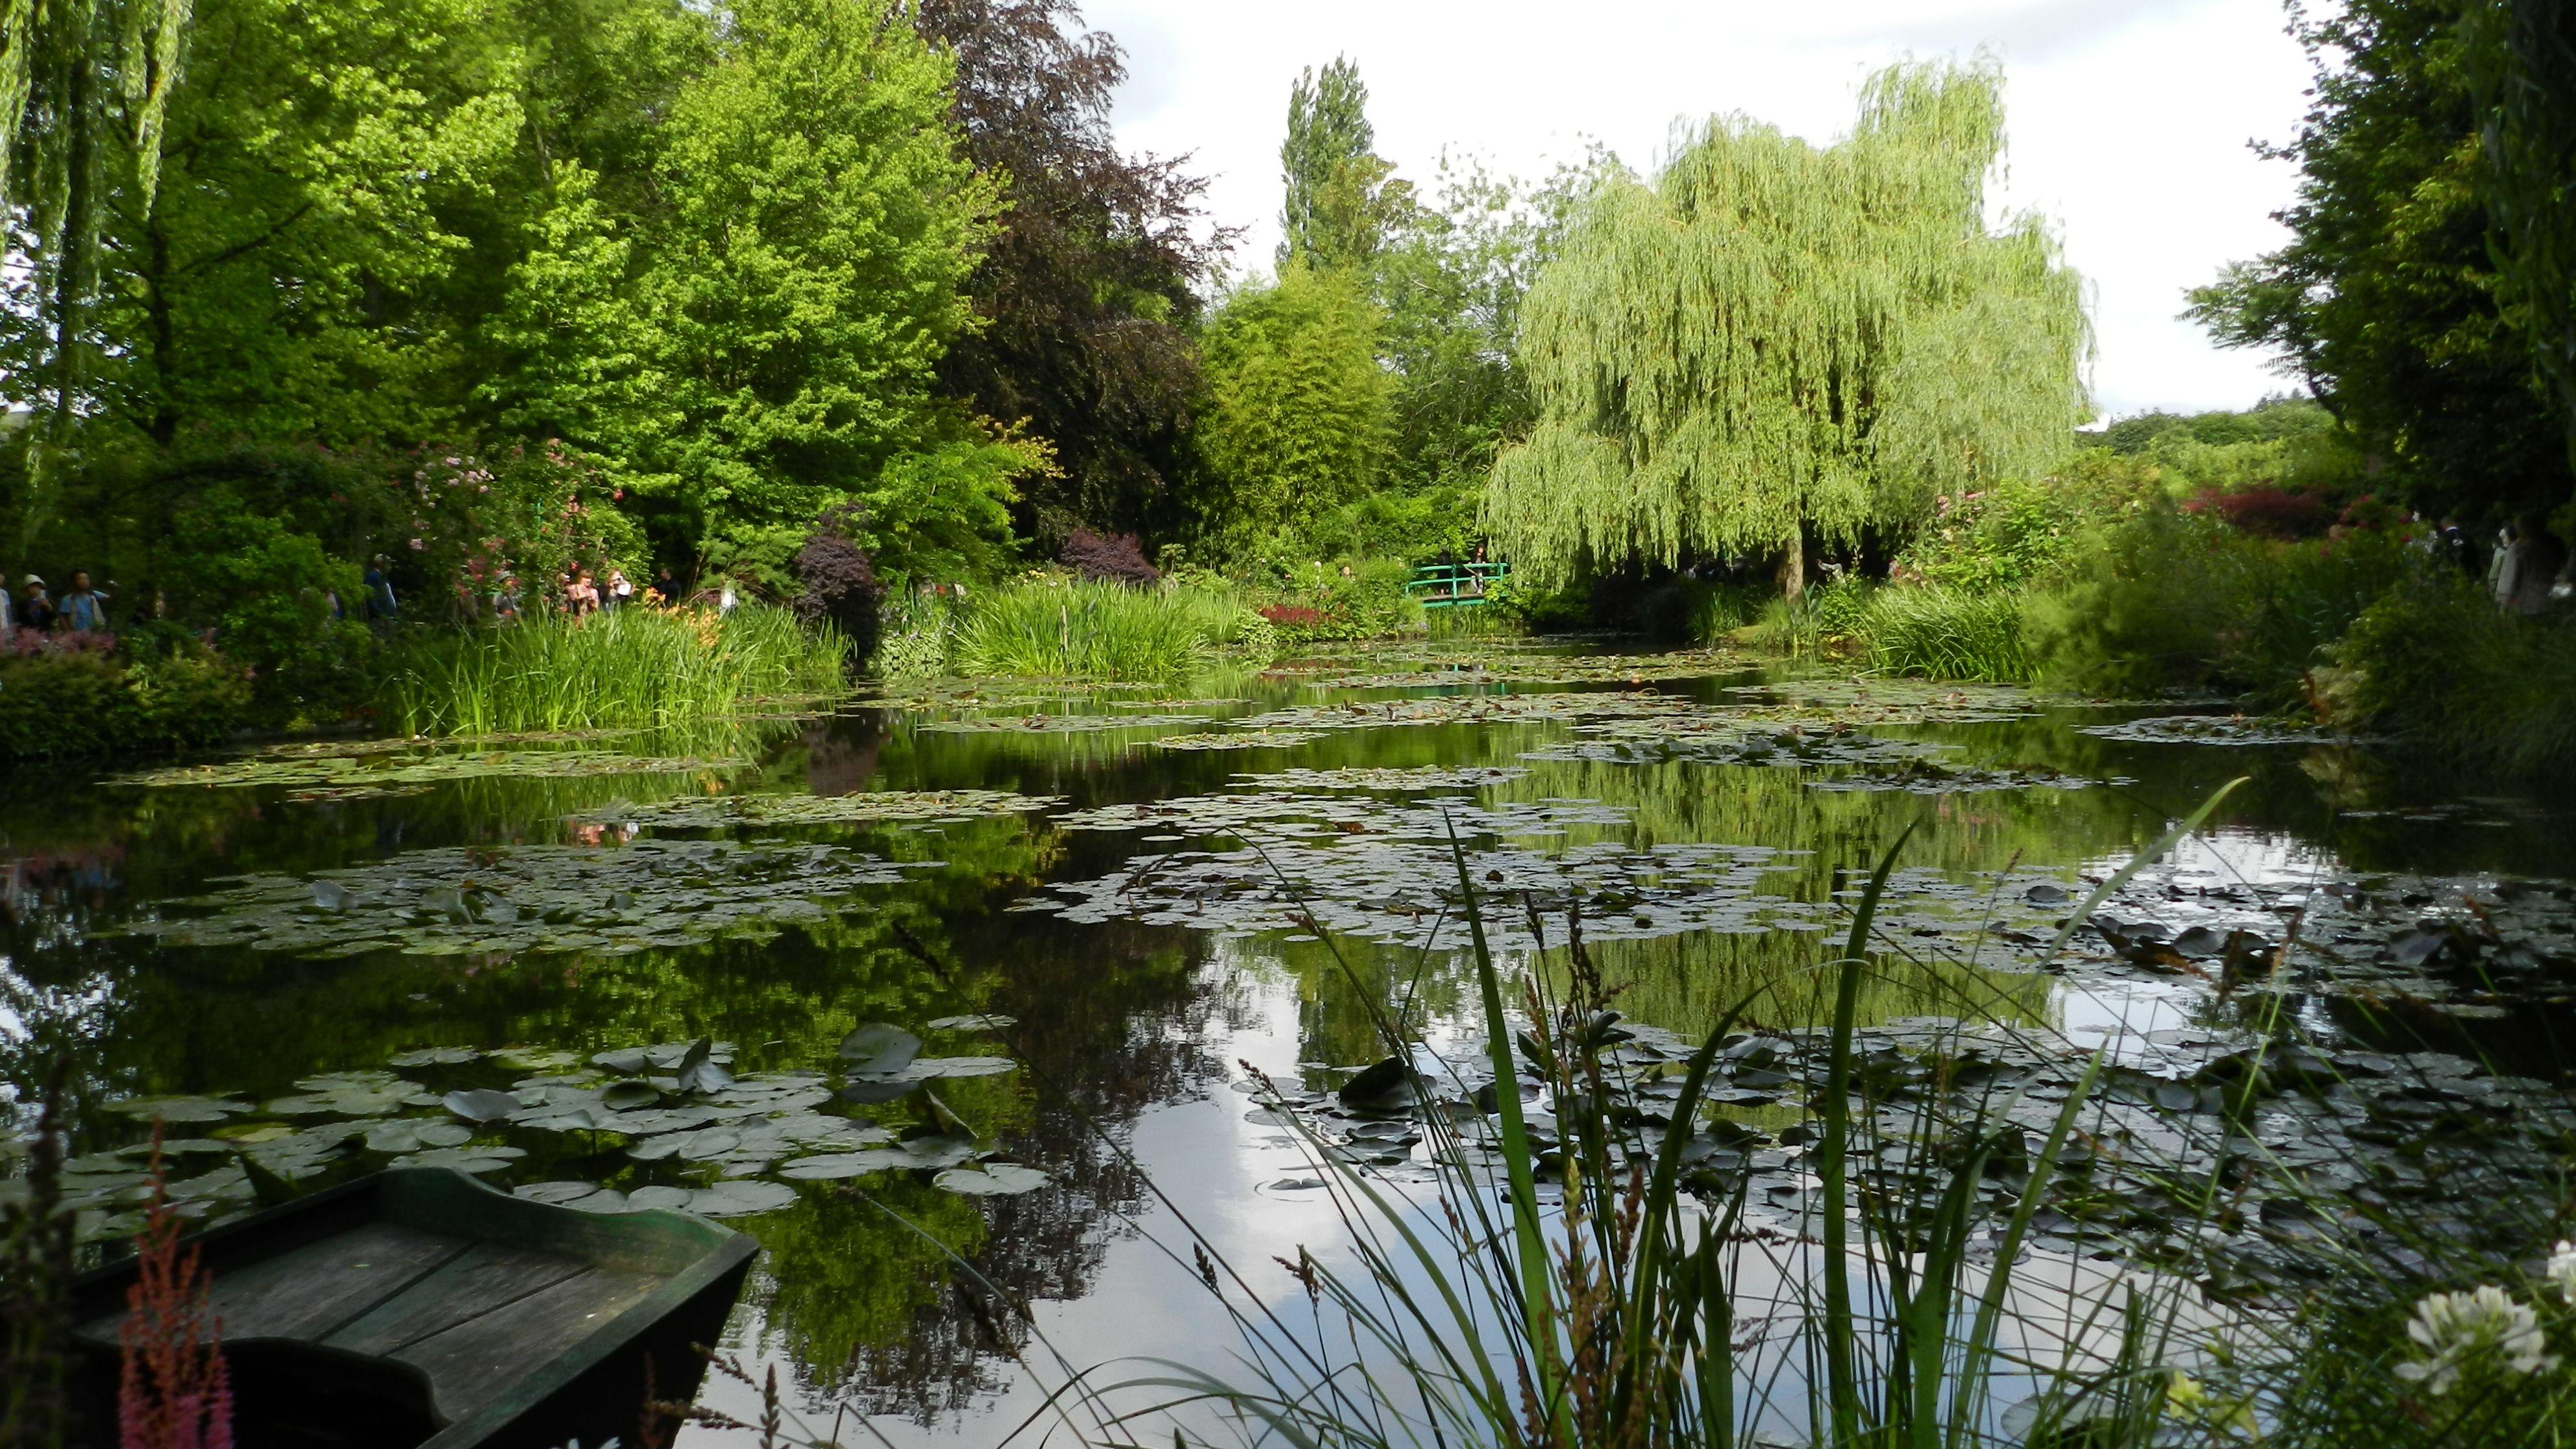 Jardin de Giverny, France, 2011 Spring